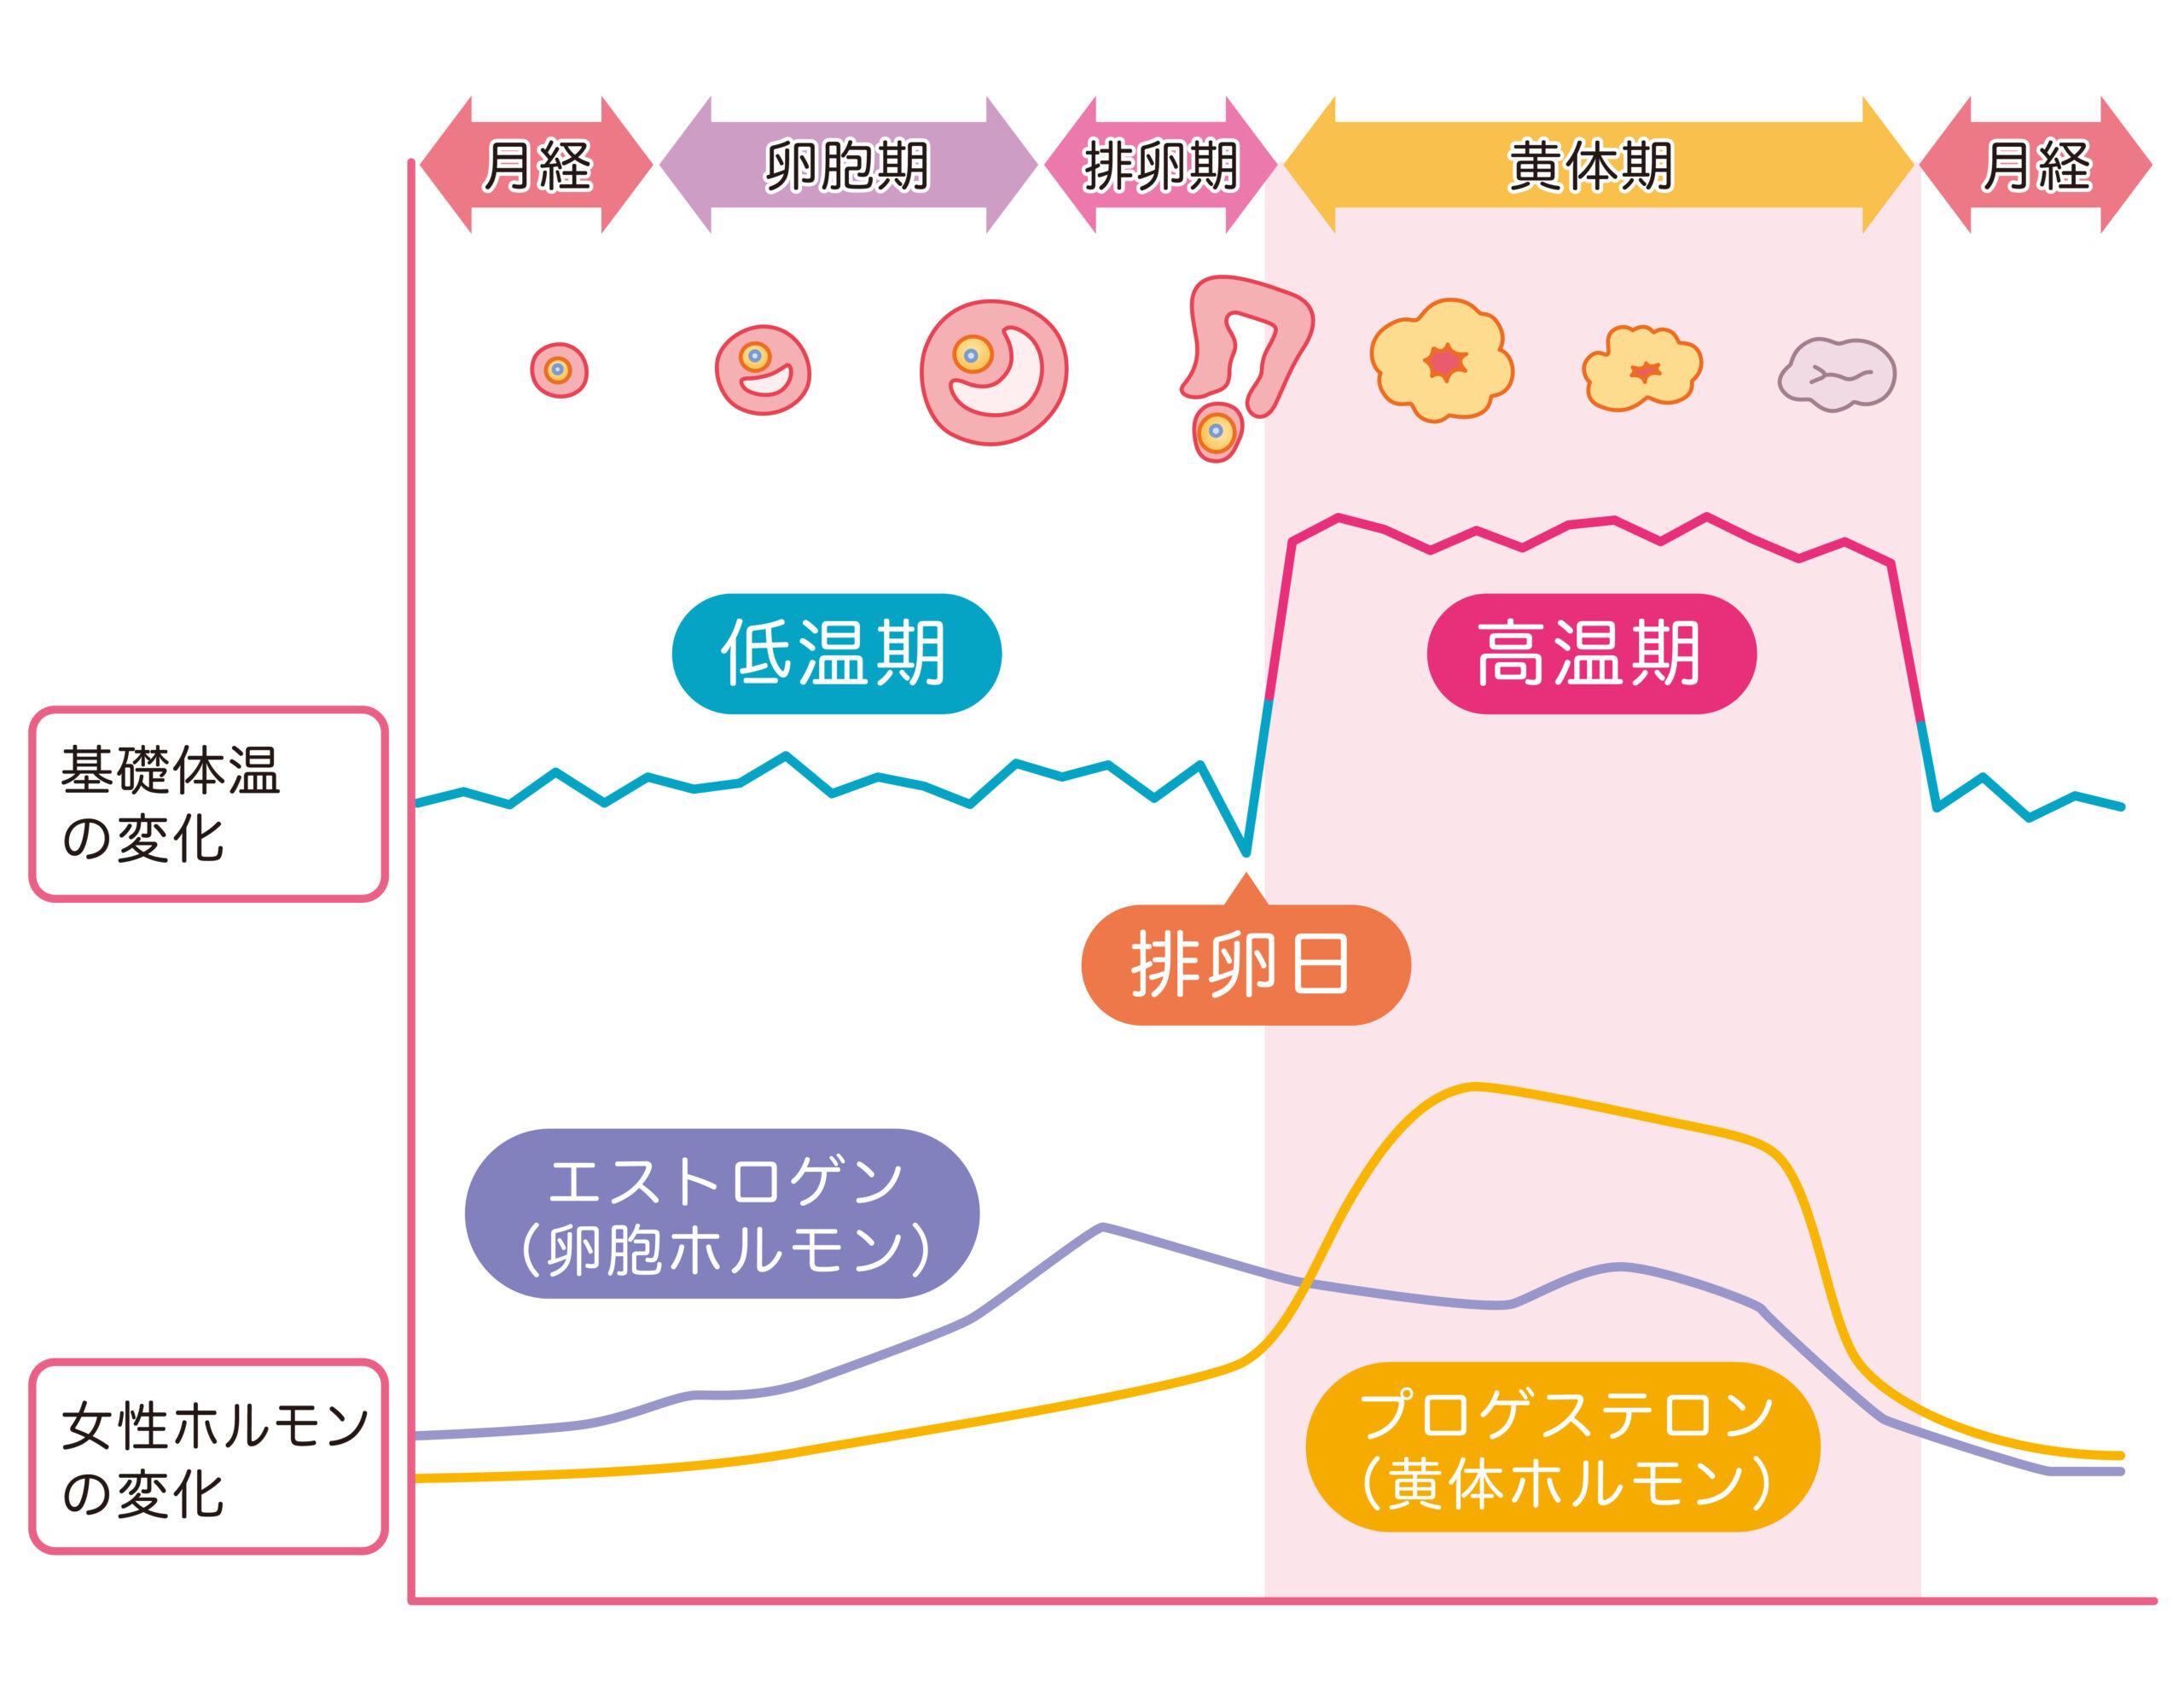 月経周期と女性ホルモン、基礎体温の変化